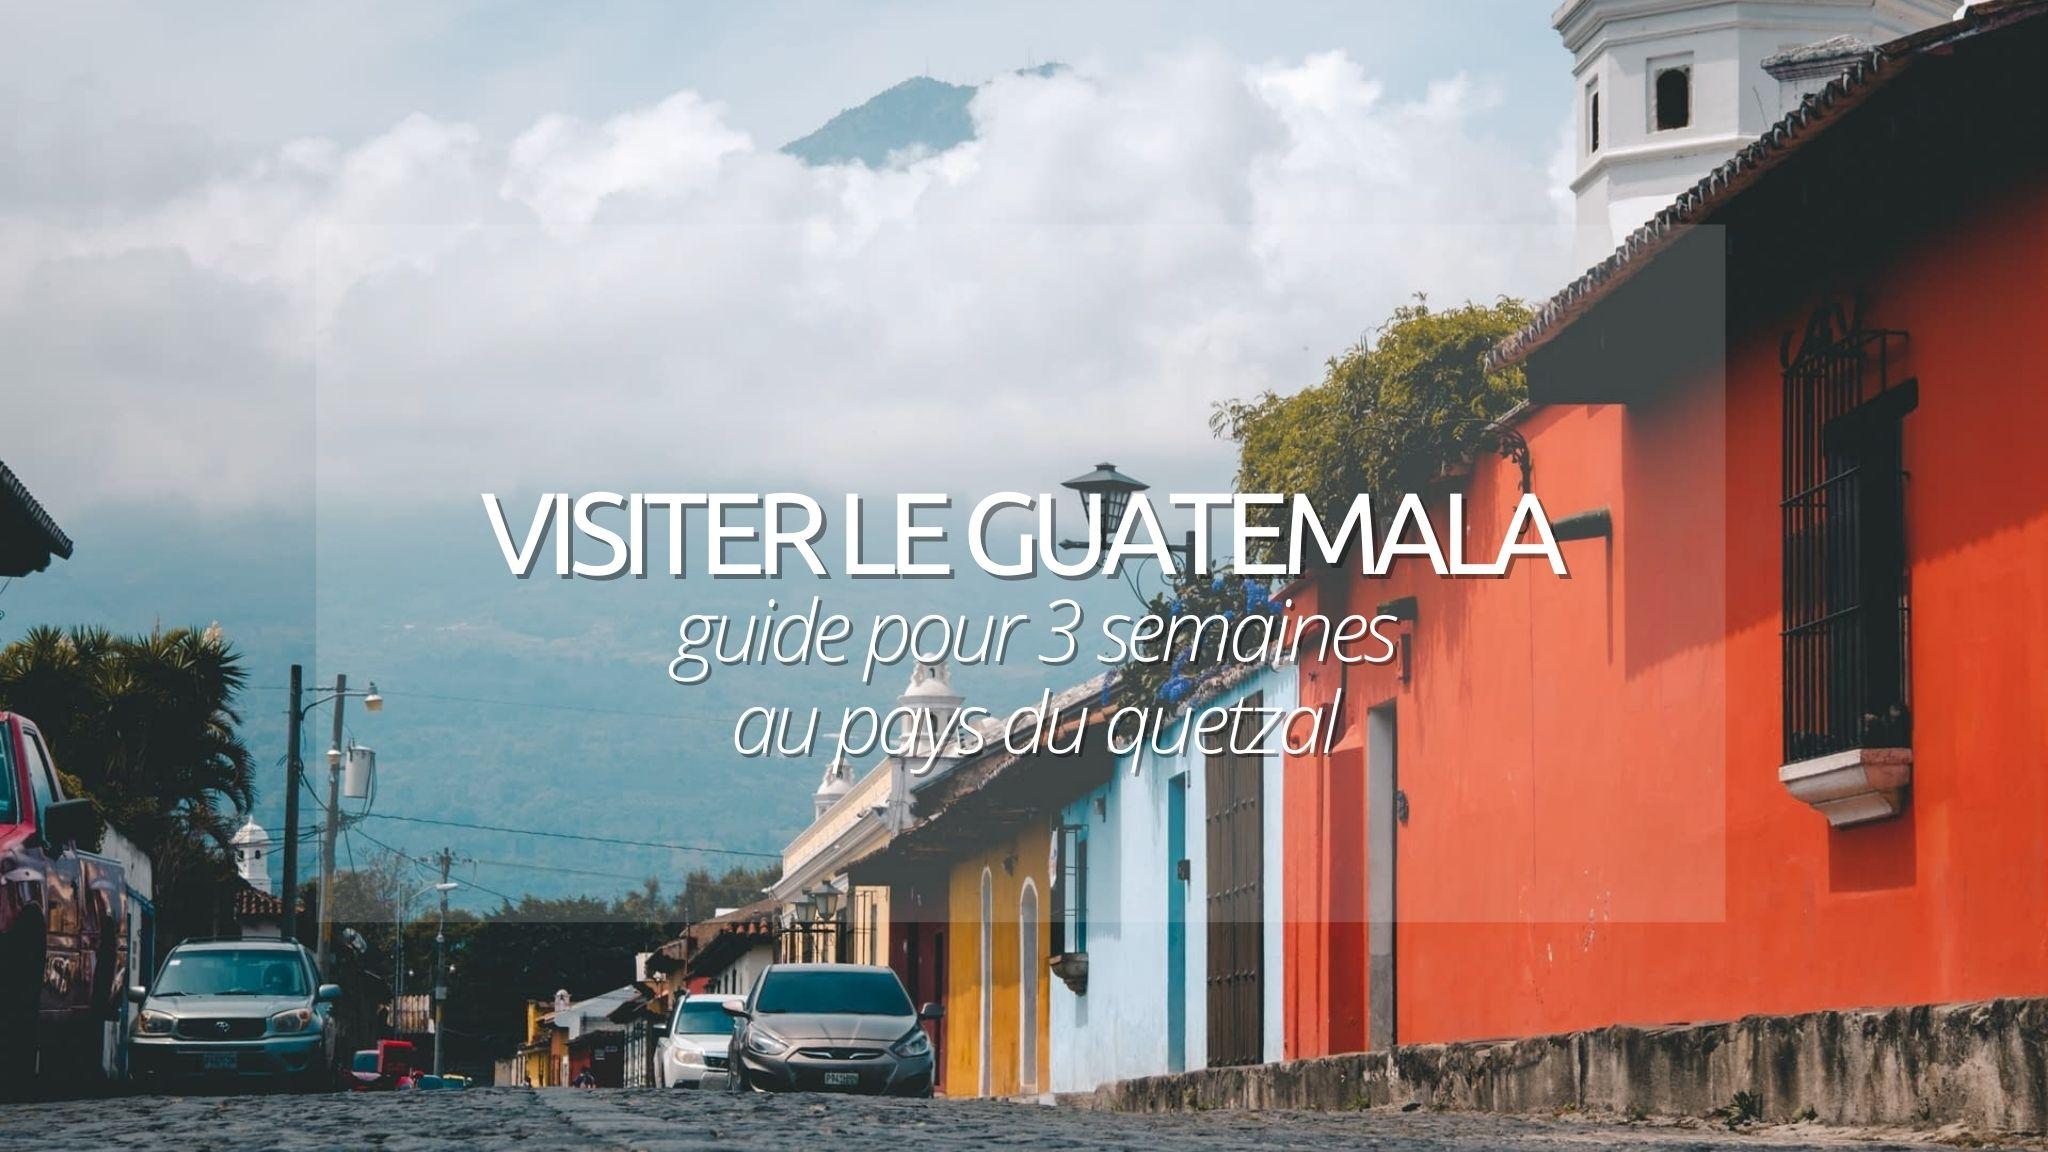 Visiter le Guatemala : le guide complet pour préparer son voyage au pays des Quetzals !